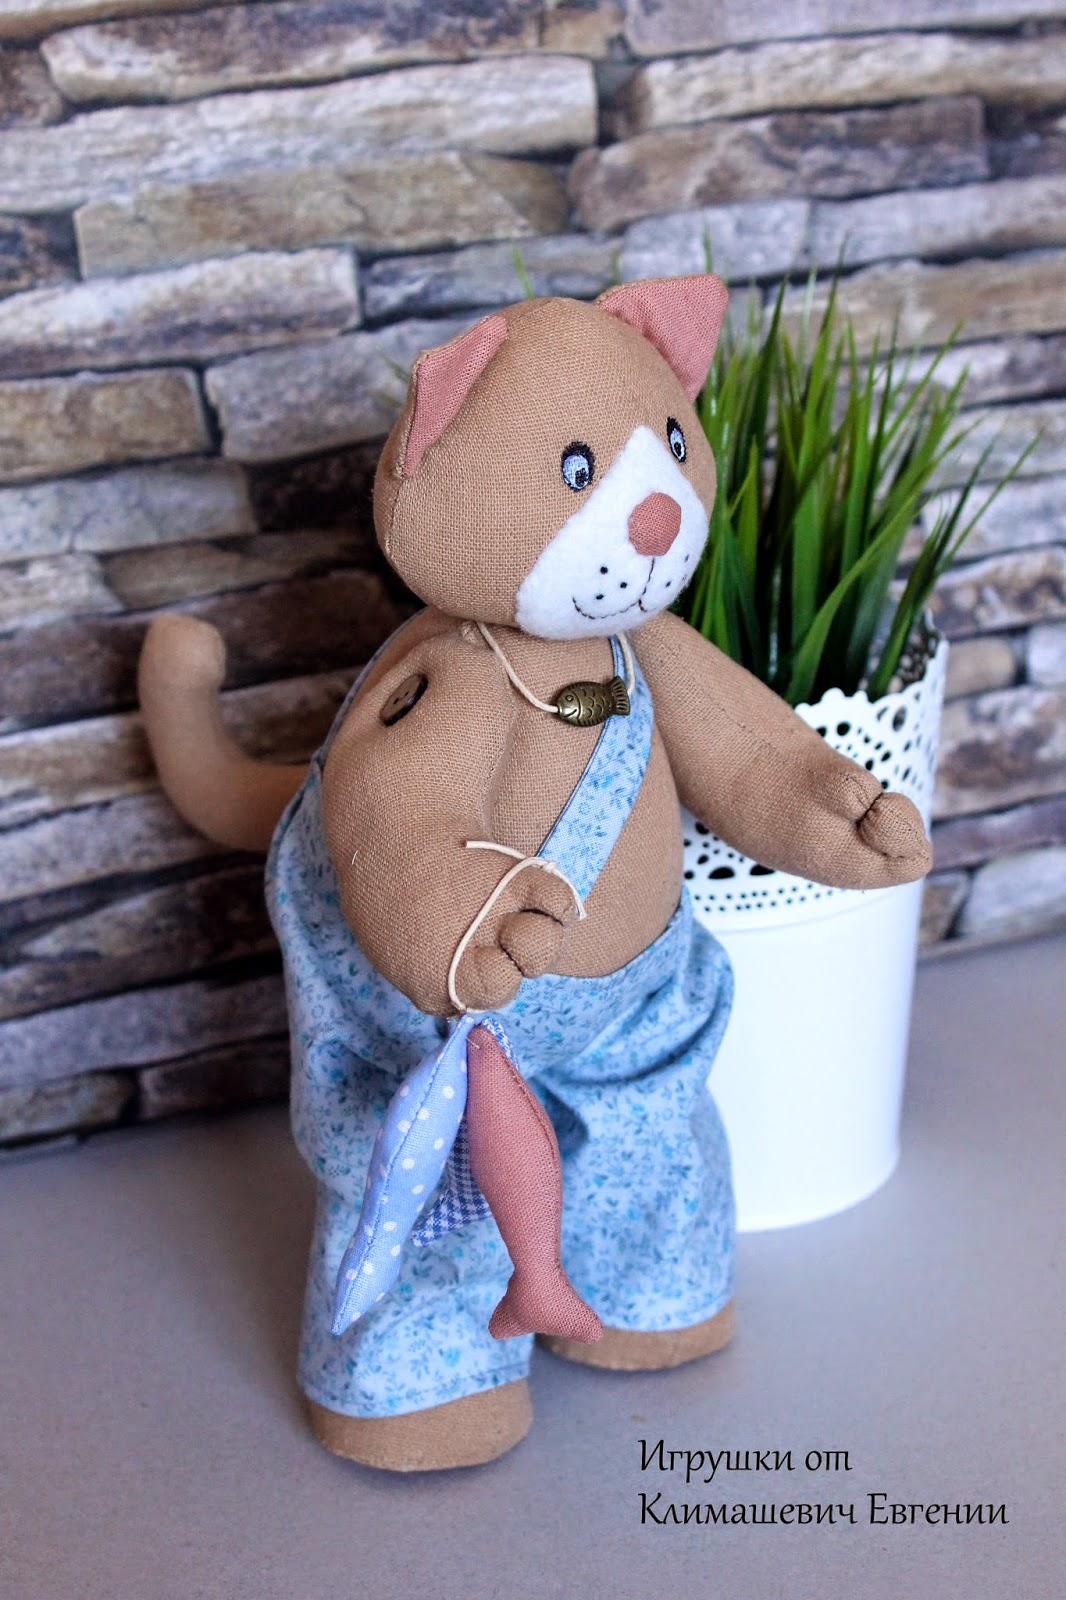 кот, коты, кошки, игрушка кот, купить кота, текстильные игрушки